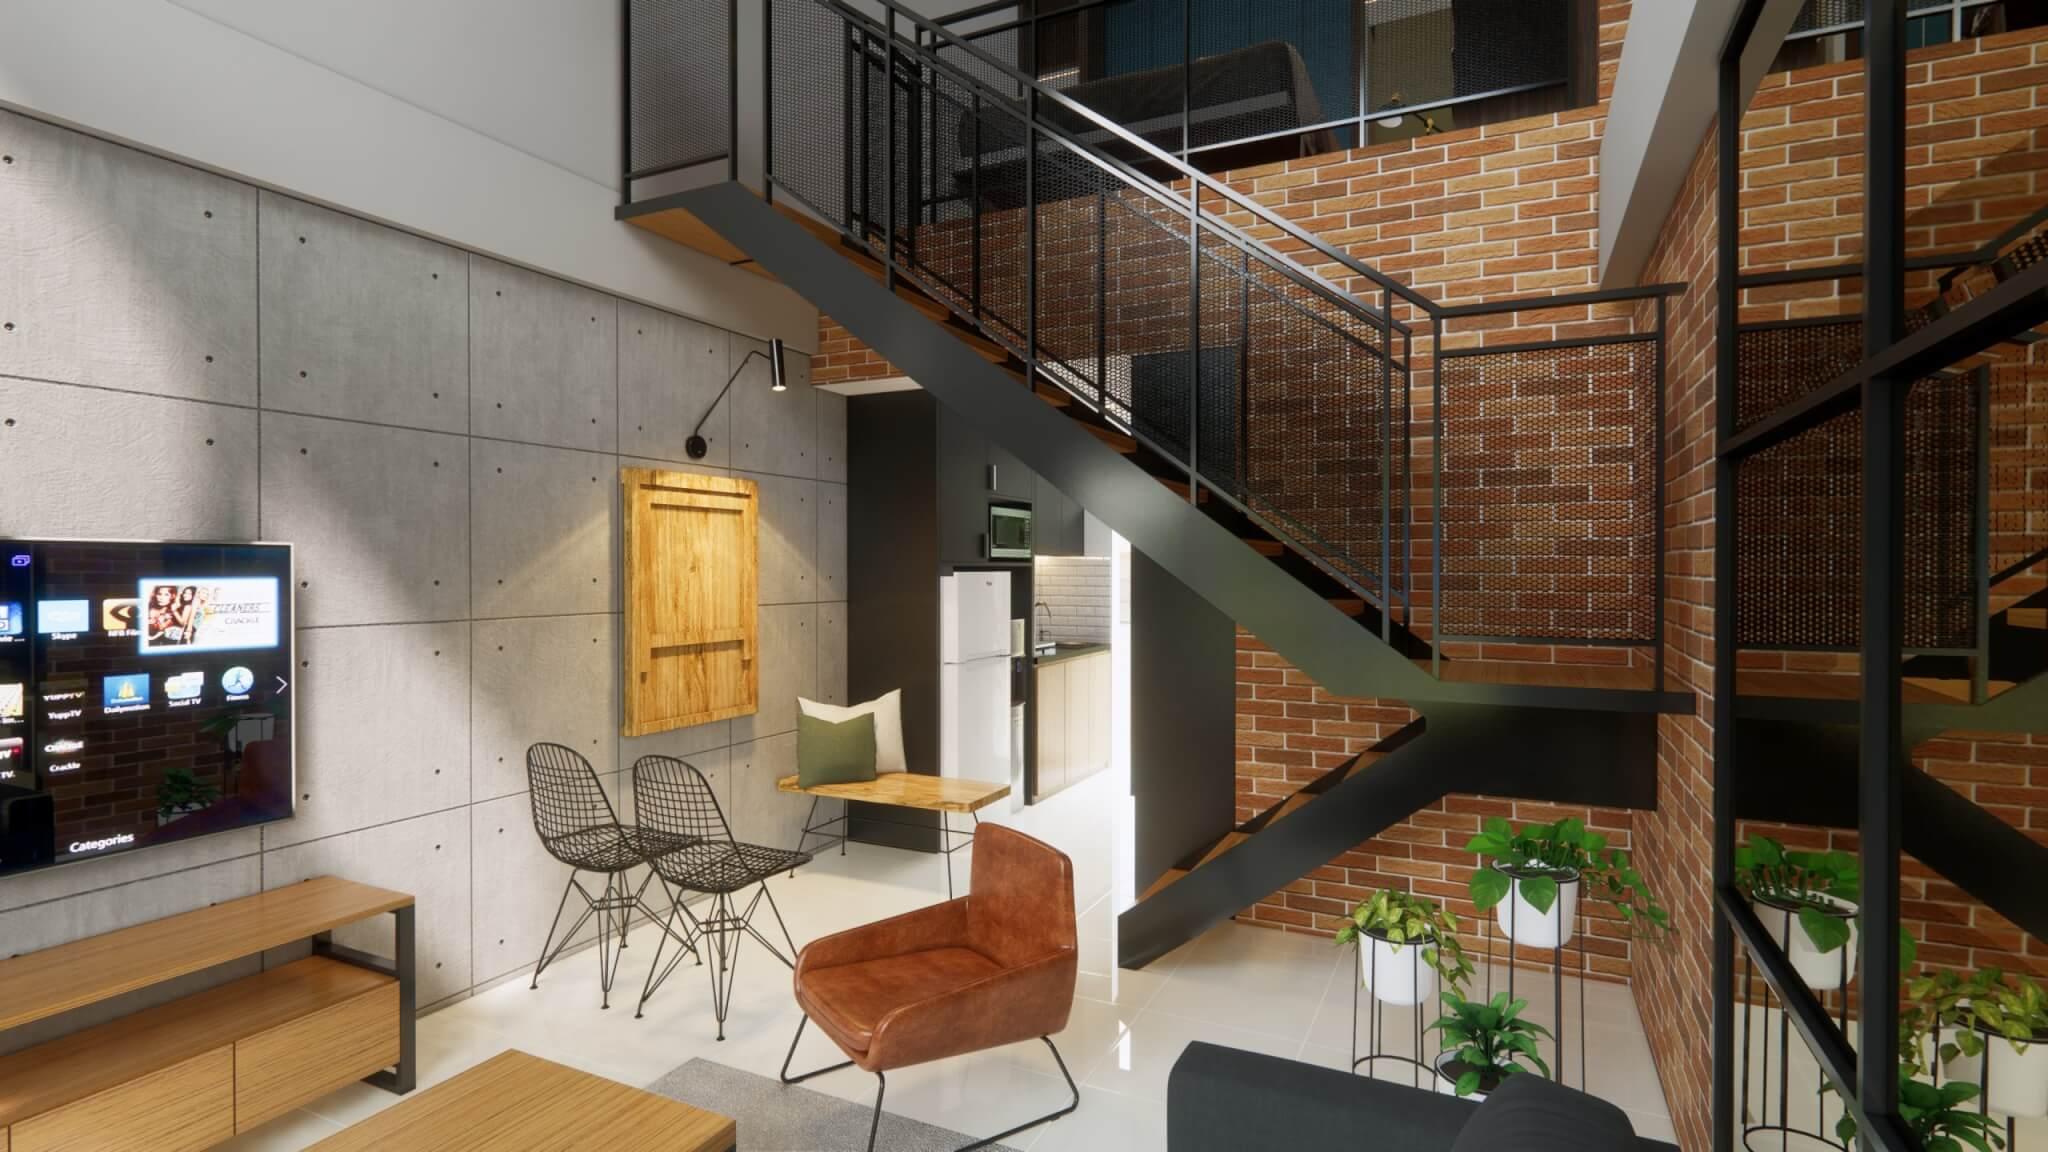 interior apartemen gaya industrial